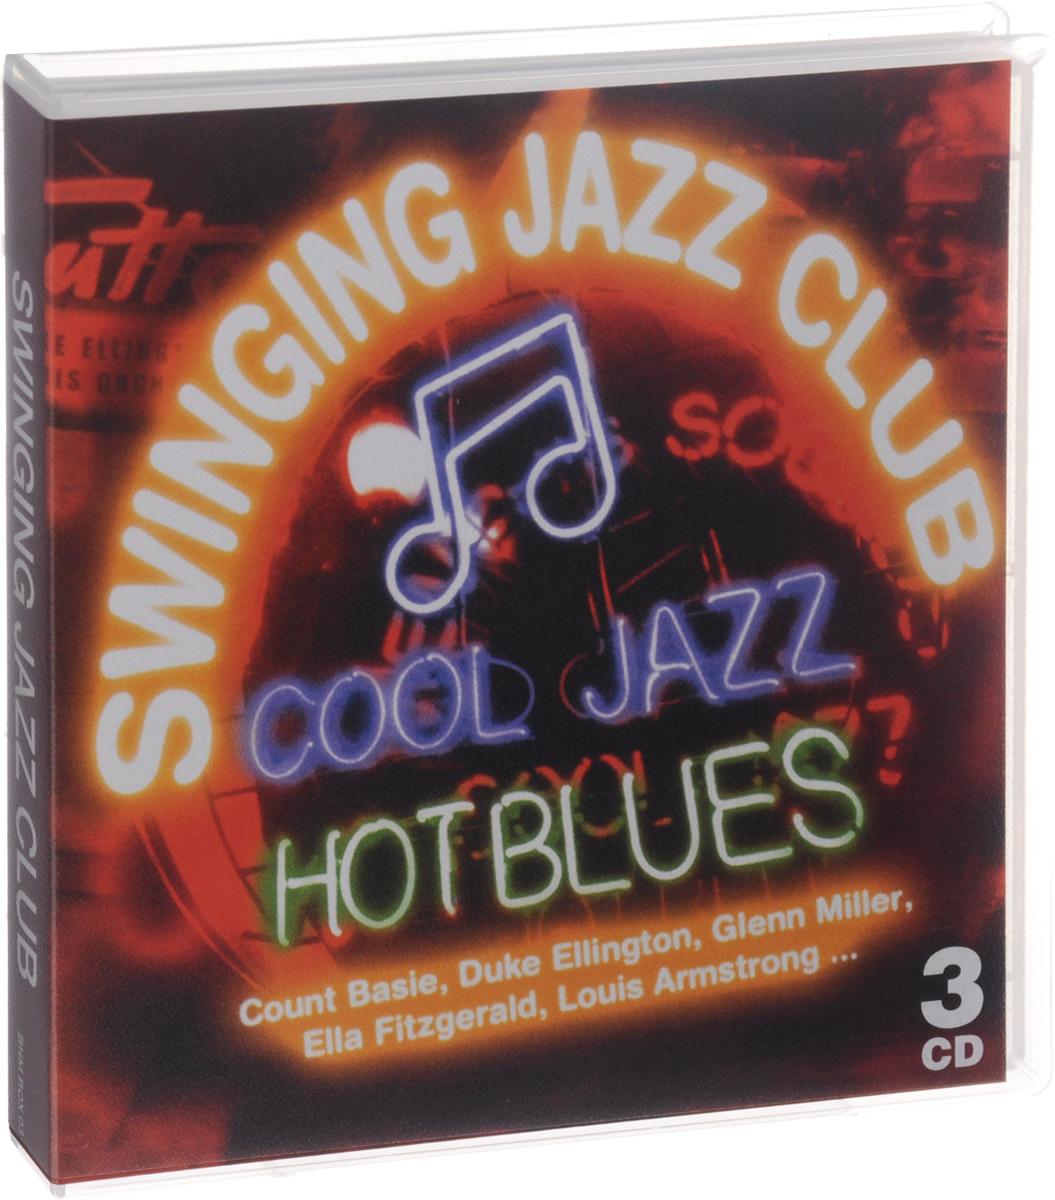 Swinging Jazz Club (3 CD)